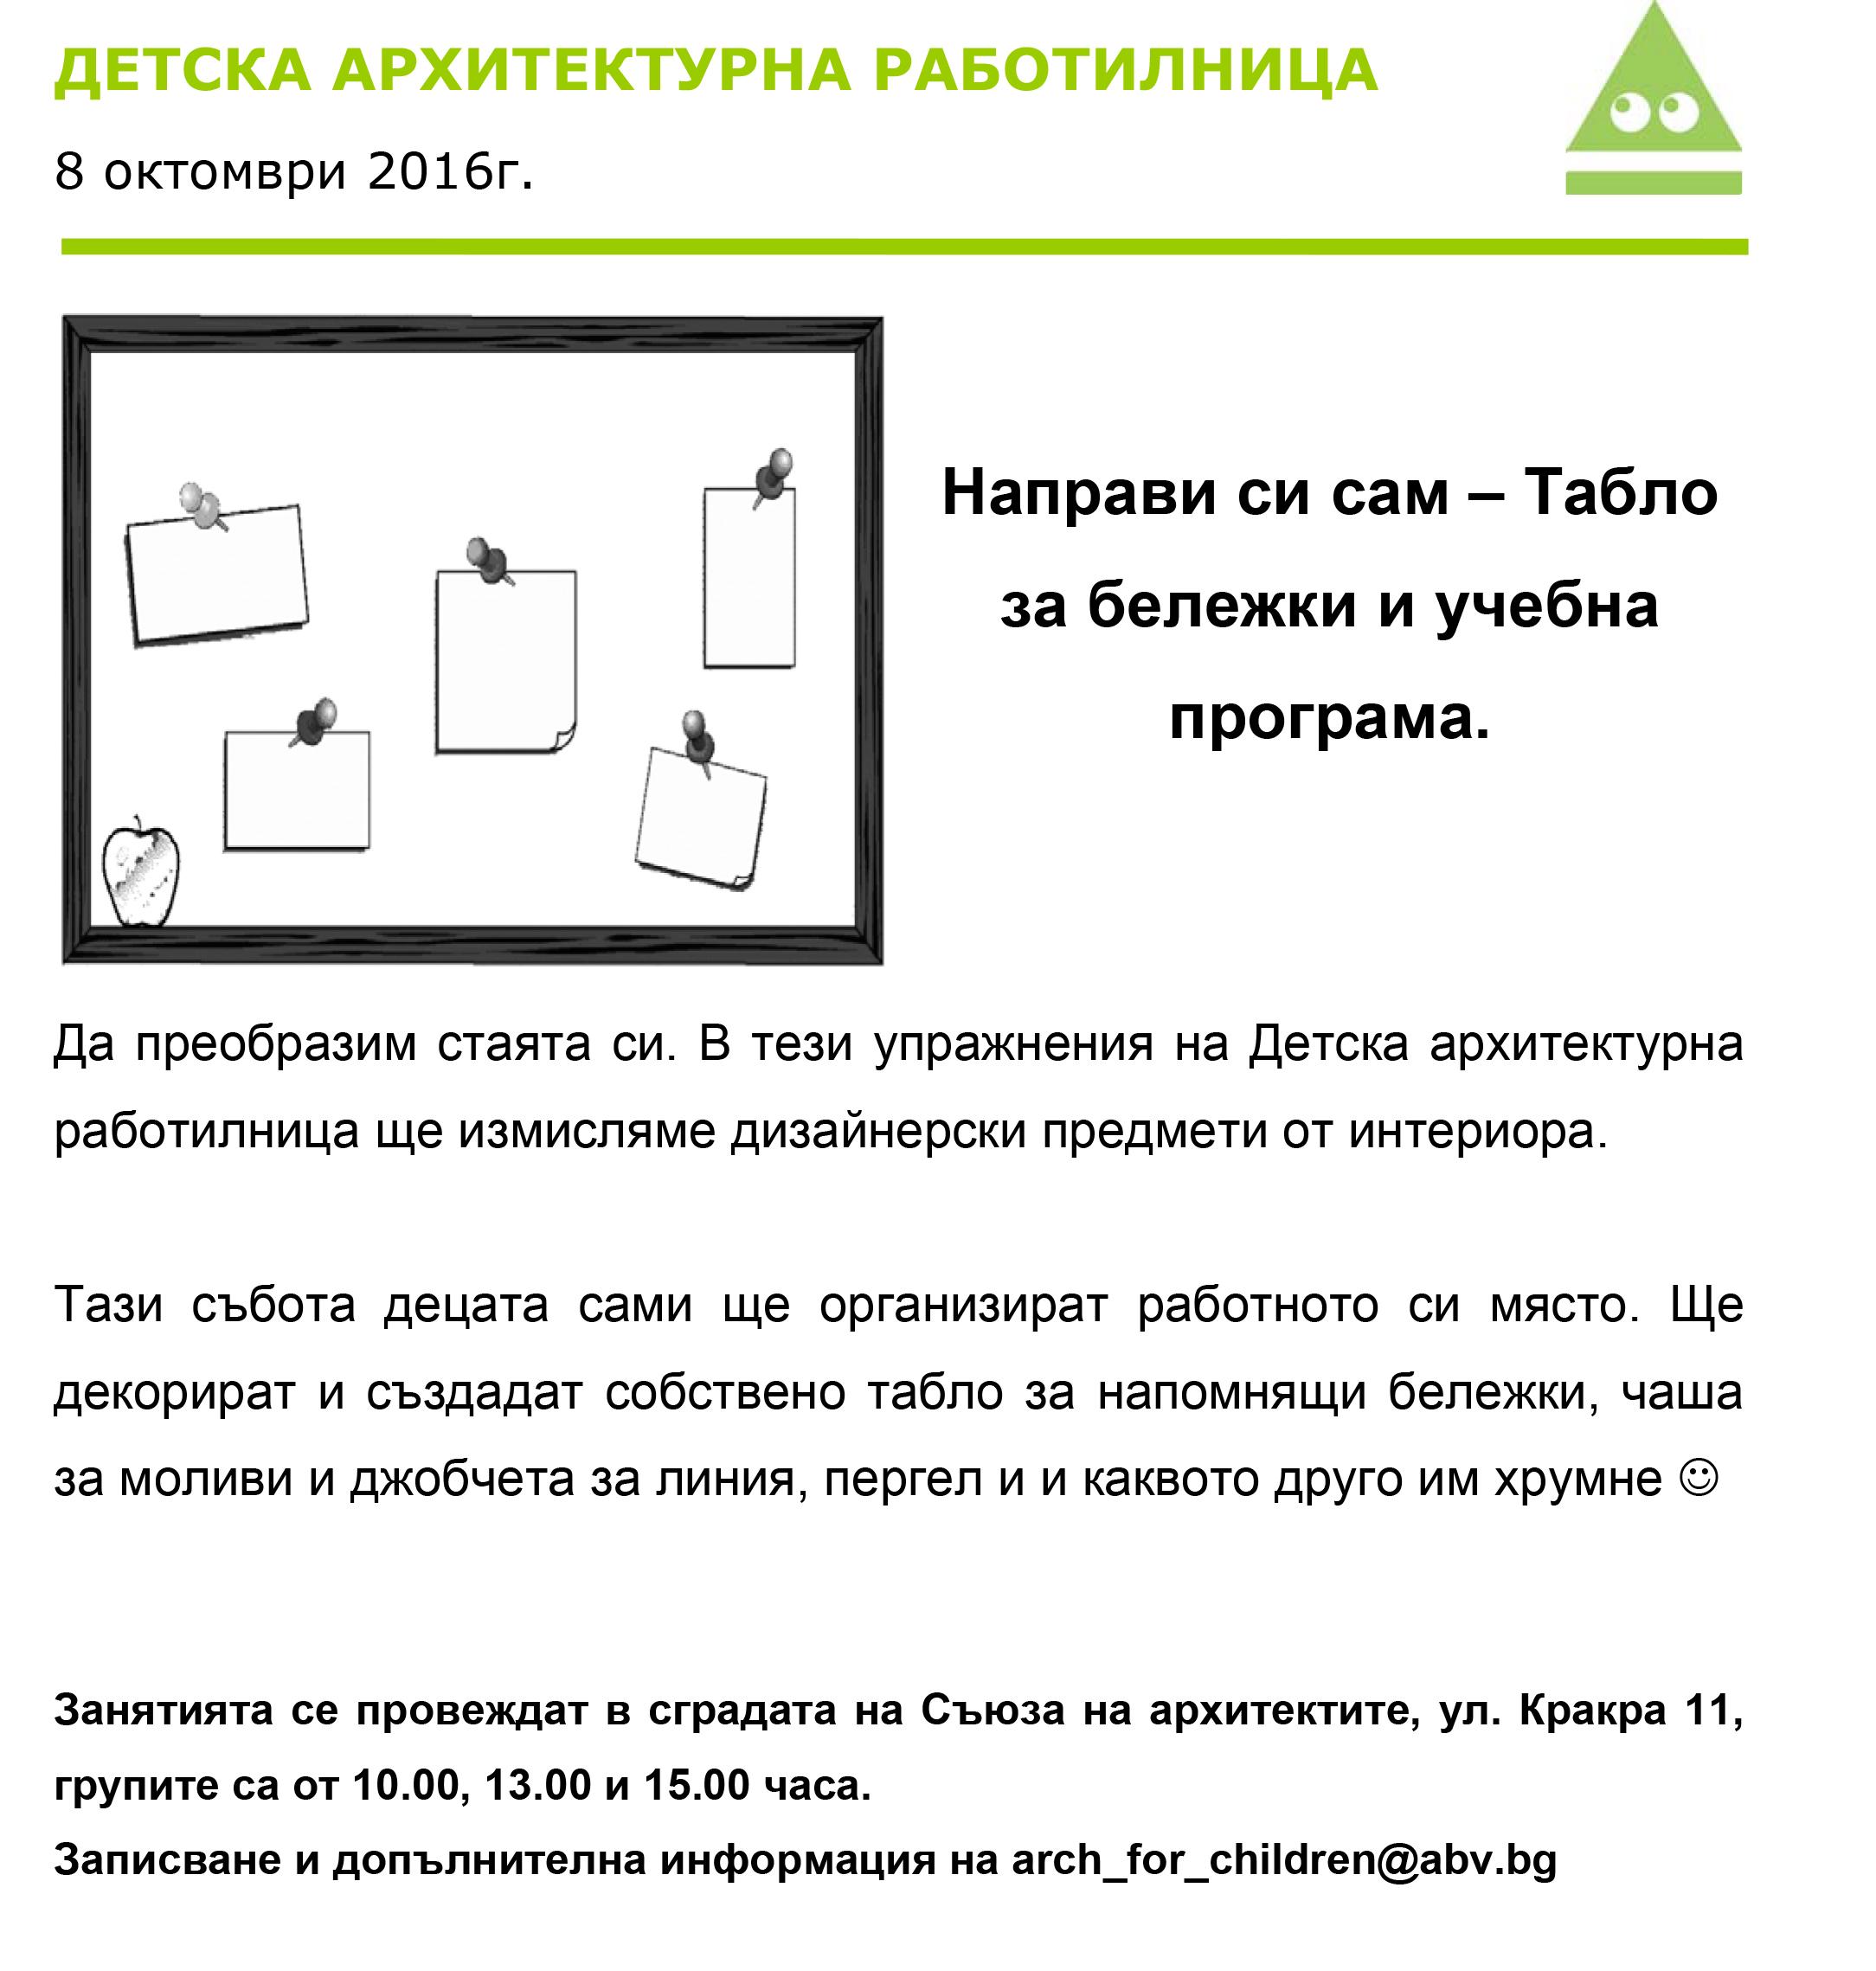 8 октомври 2016г - Направи си сам табло за бележки и учебна програма